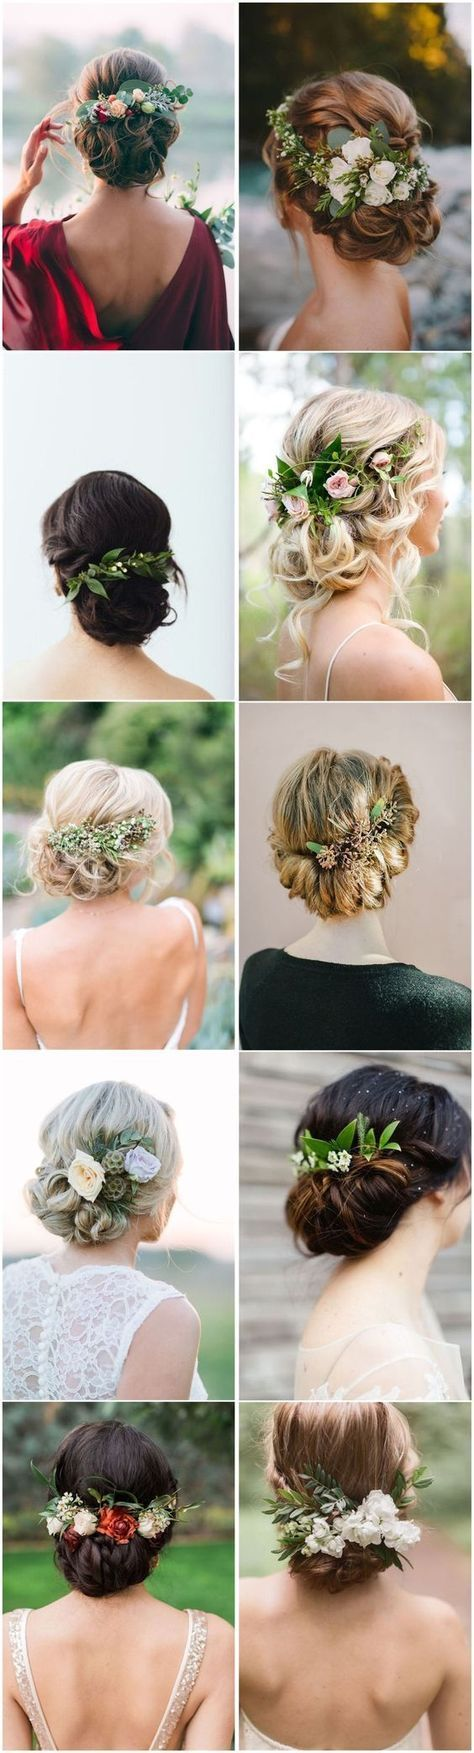 18 Hochzeit Hochsteckfrisuren mit grünen Dekorationen – # Dekorationen #grunen # … – Frisuren